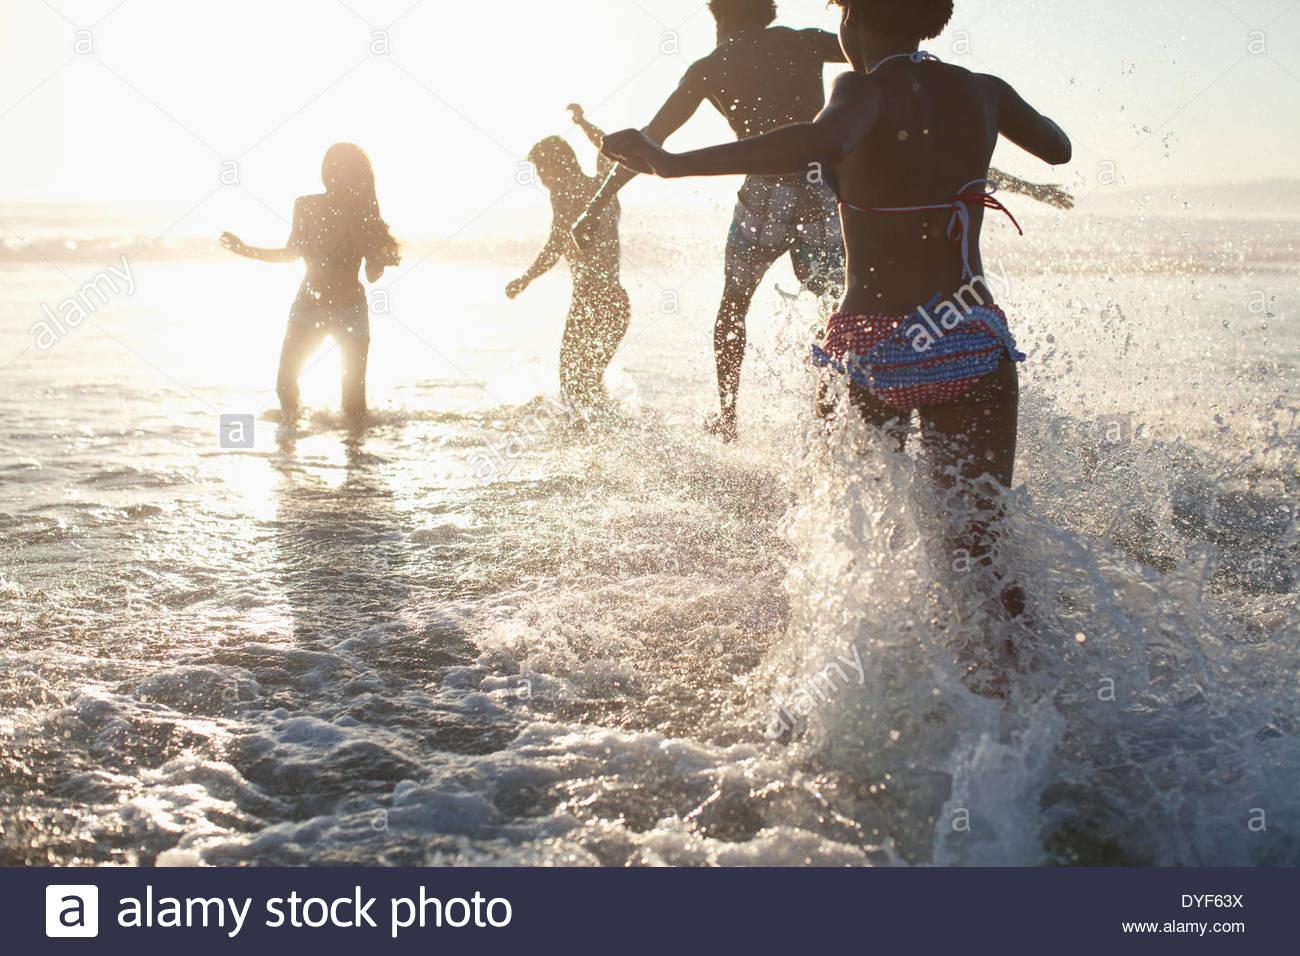 Amici a giocare in onde sulla spiaggia Immagini Stock